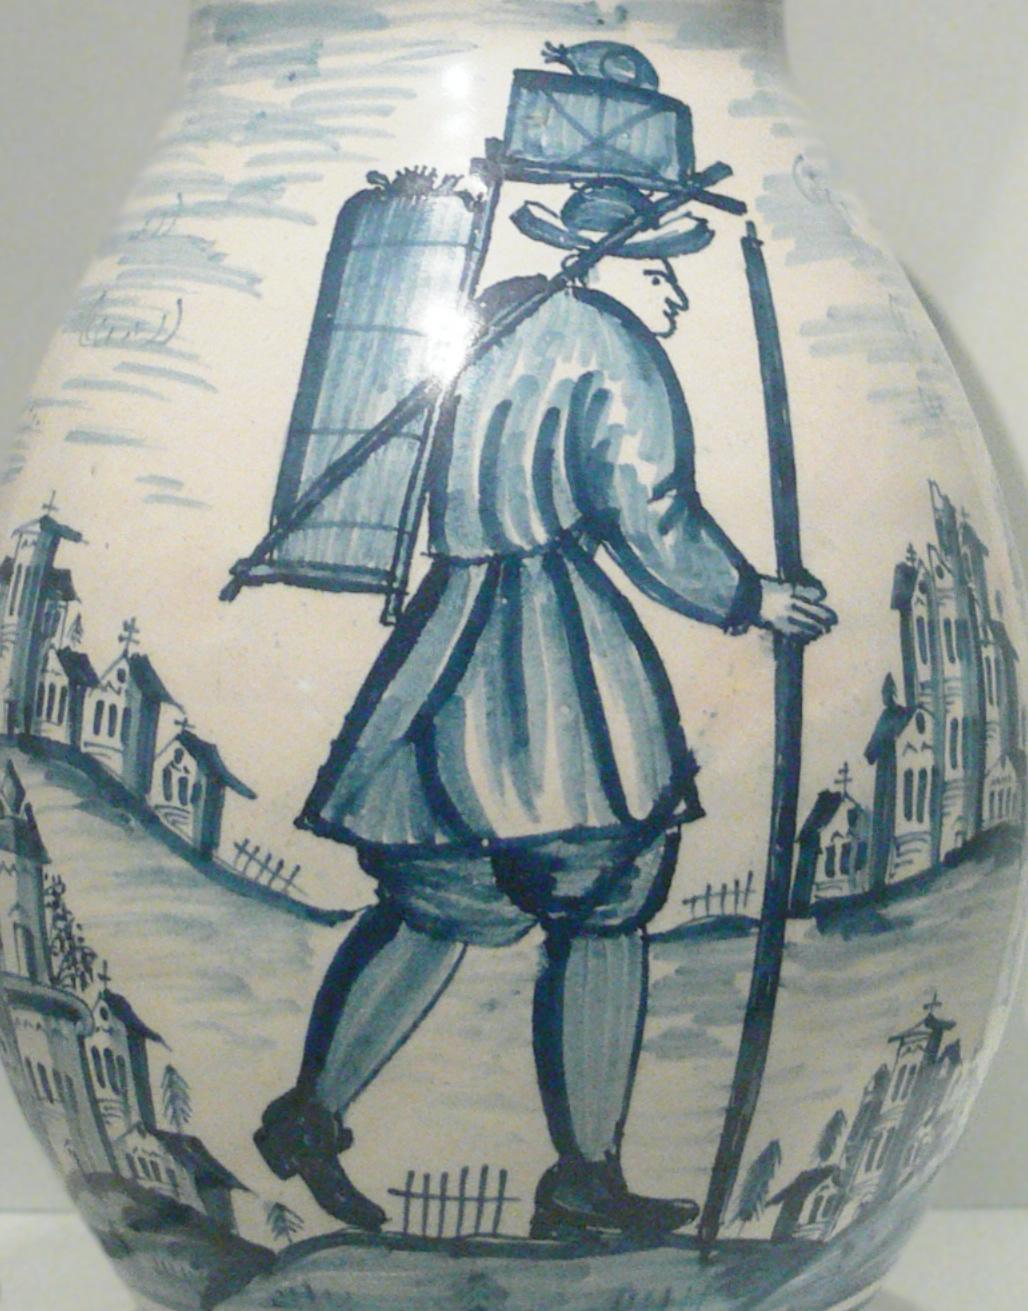 Vazo üzerine işlenmiş dönemine uygun yansılıtılmış hamal görseli.